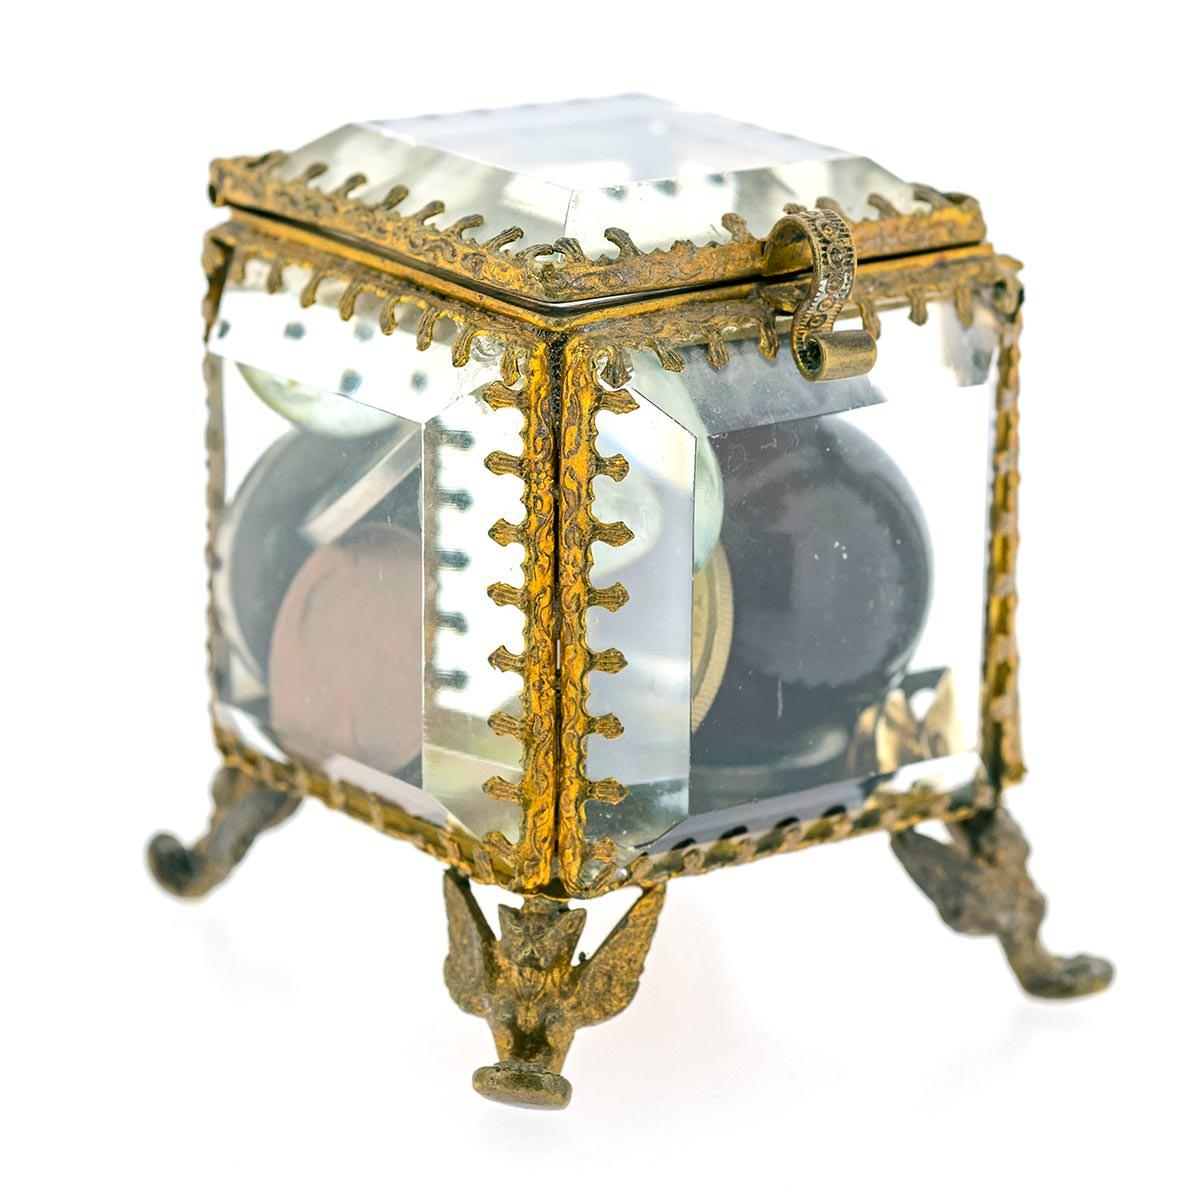 boite art déco 1920 avec bord christal - objets à vendre, antiquités